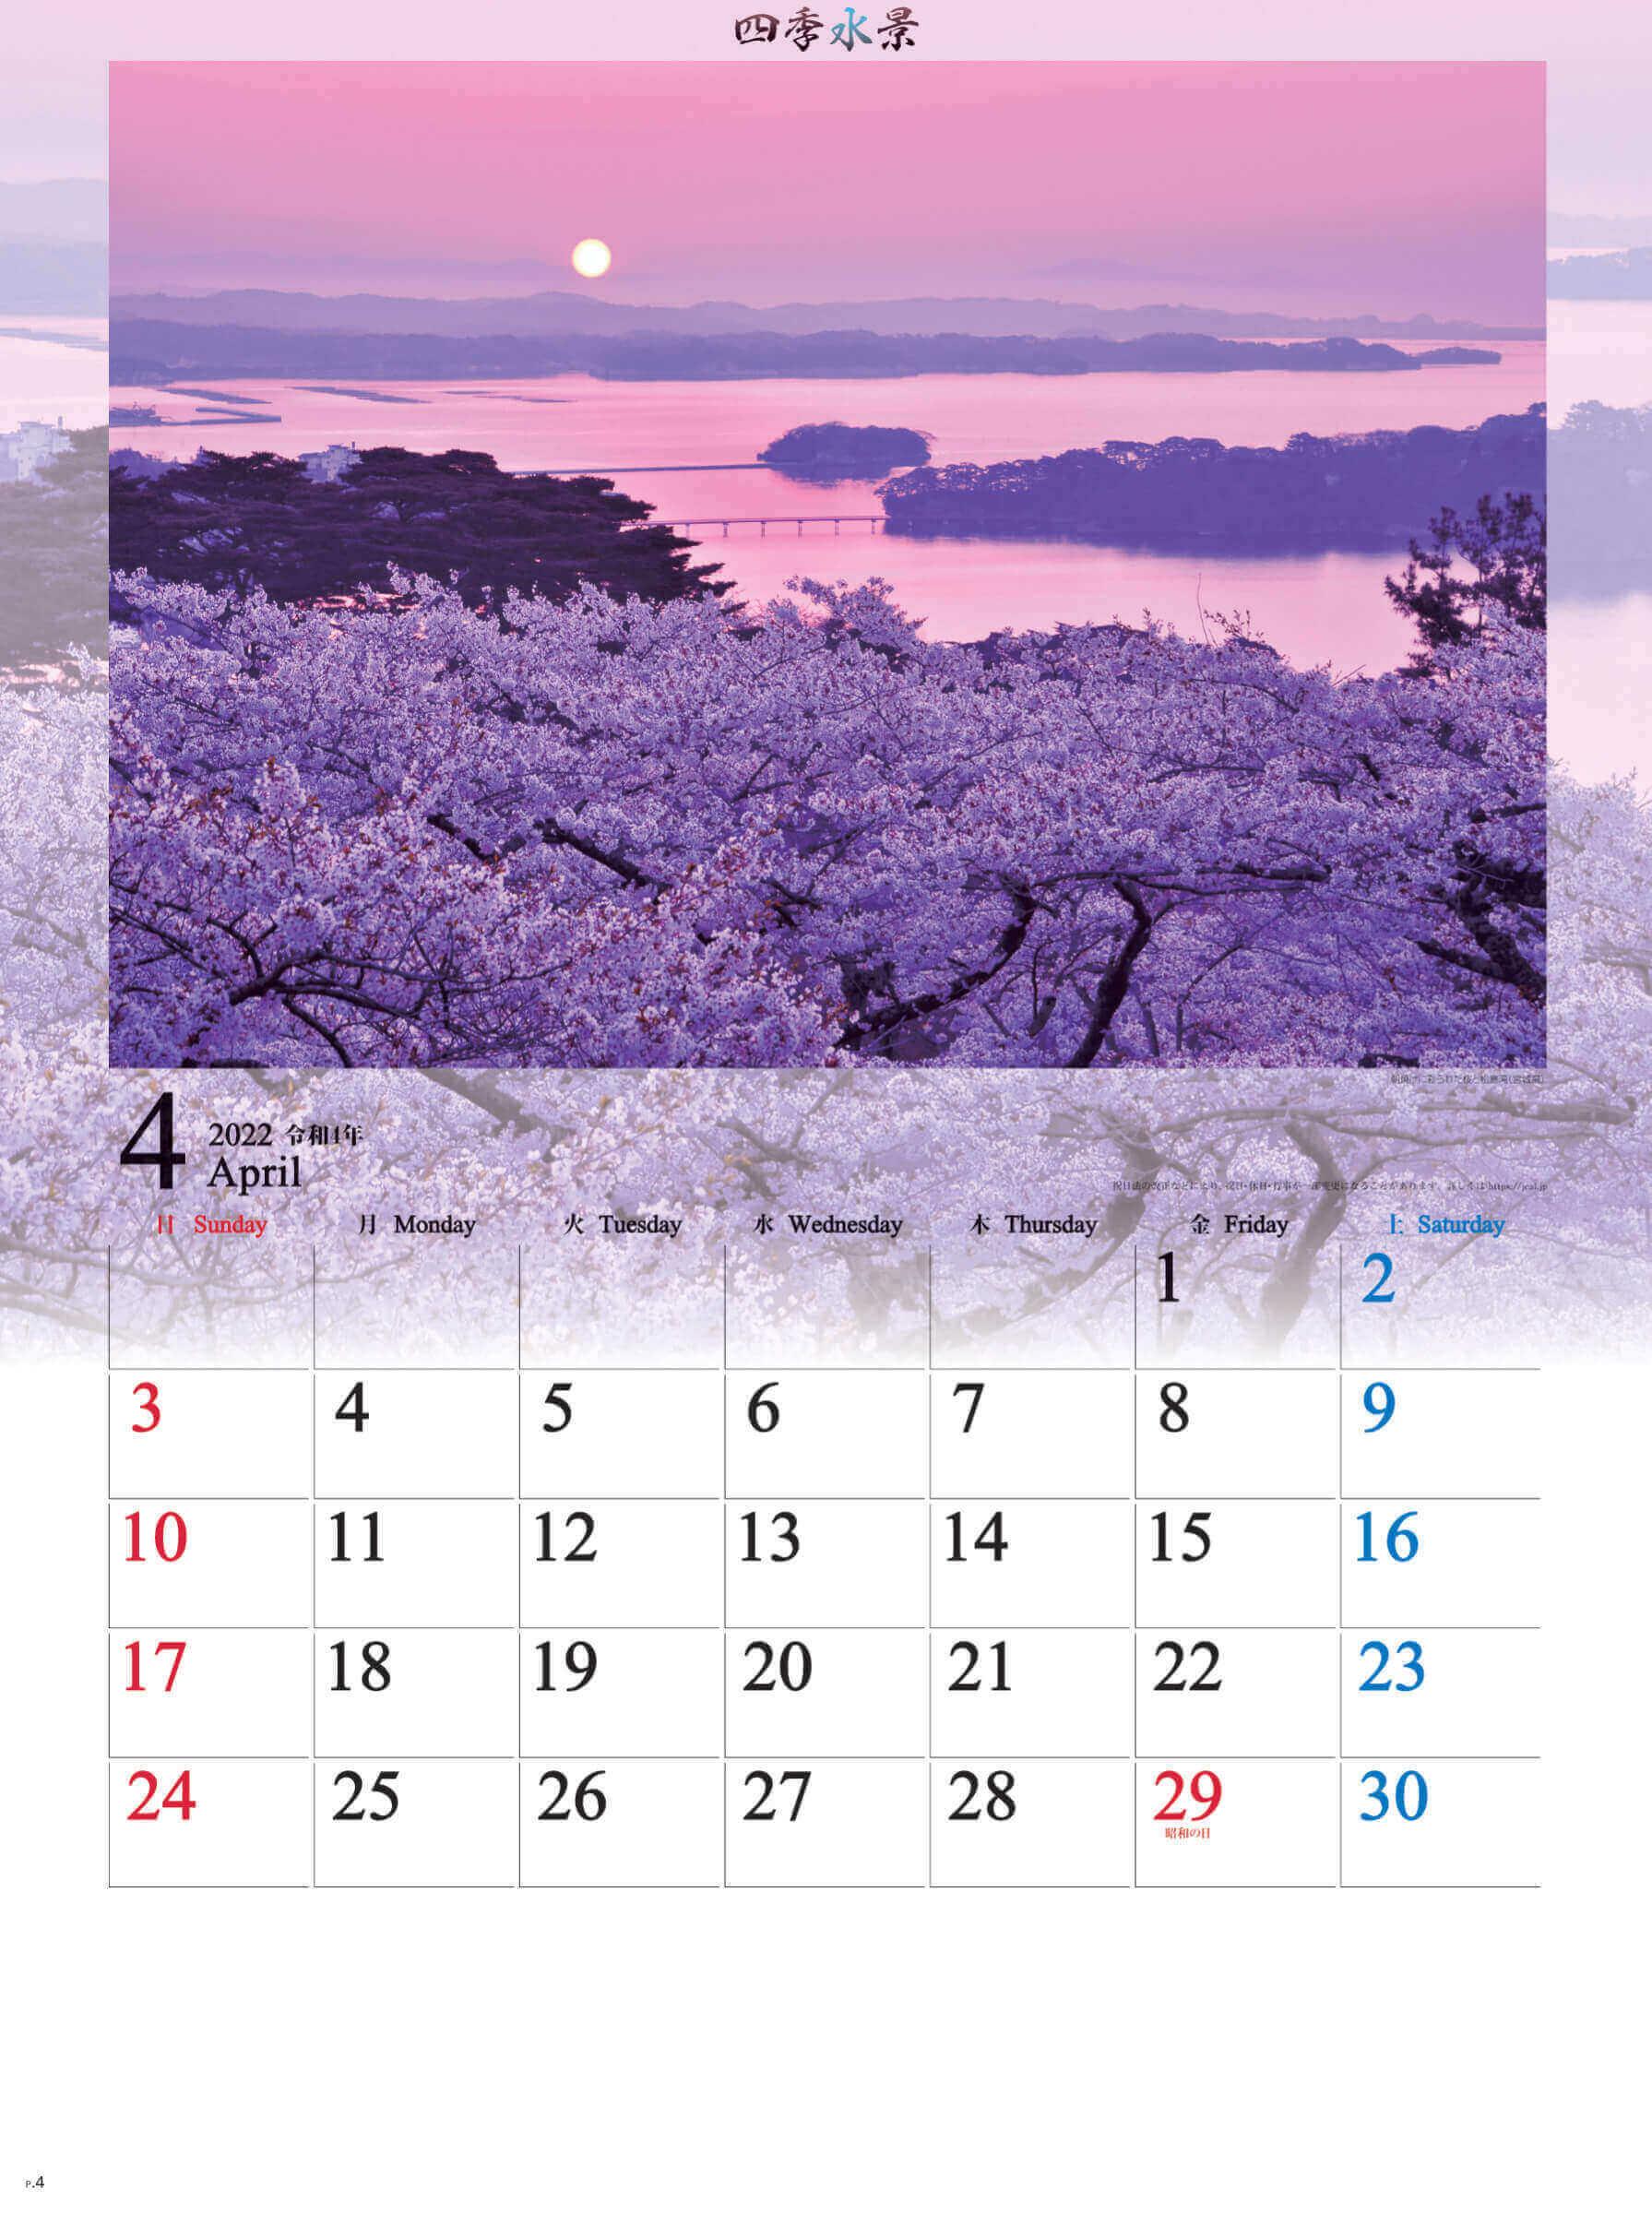 4月 桜と松島湾(宮城) 四季水景 2022年カレンダーの画像